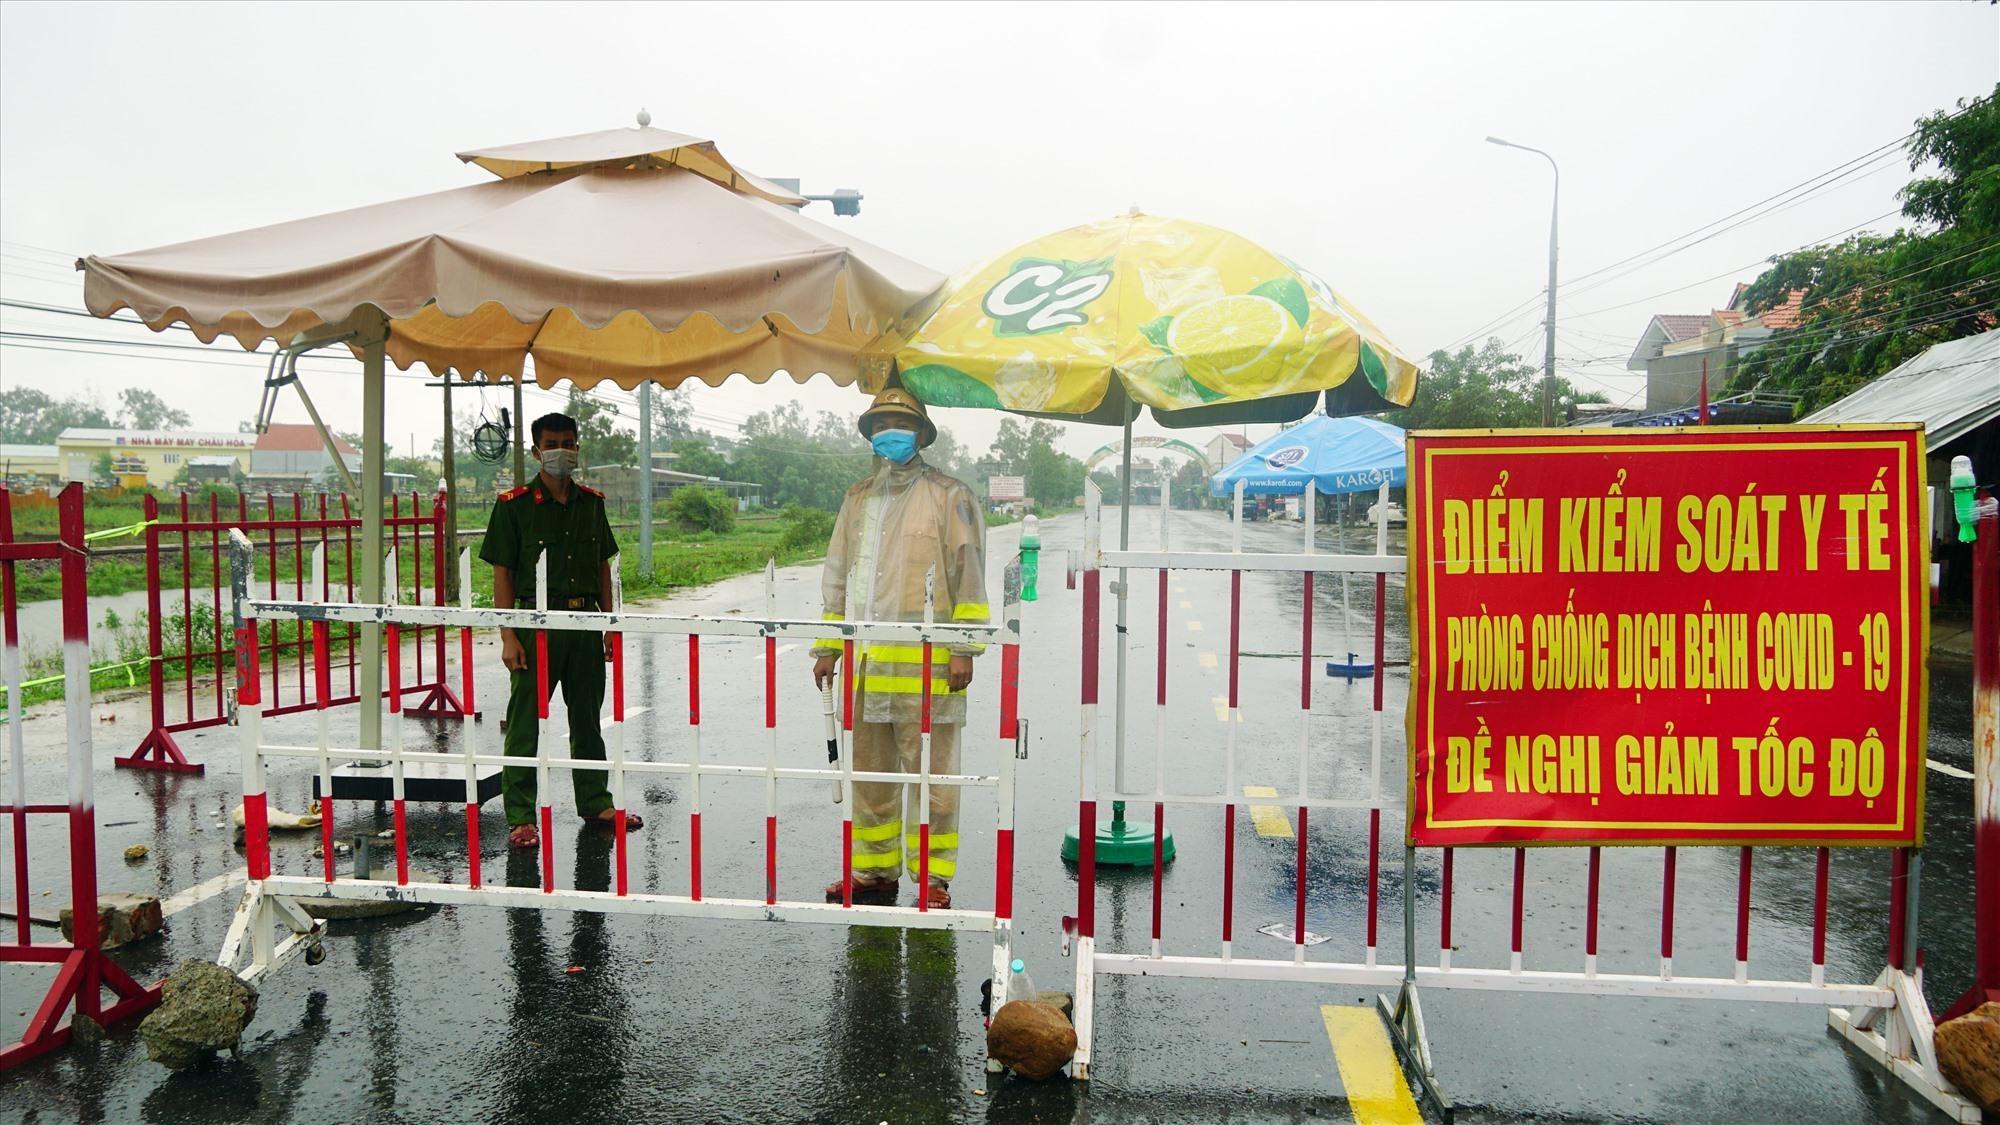 Chốt kiểm soát trên địa bàn Quảng Nam. Ảnh: P.T.H